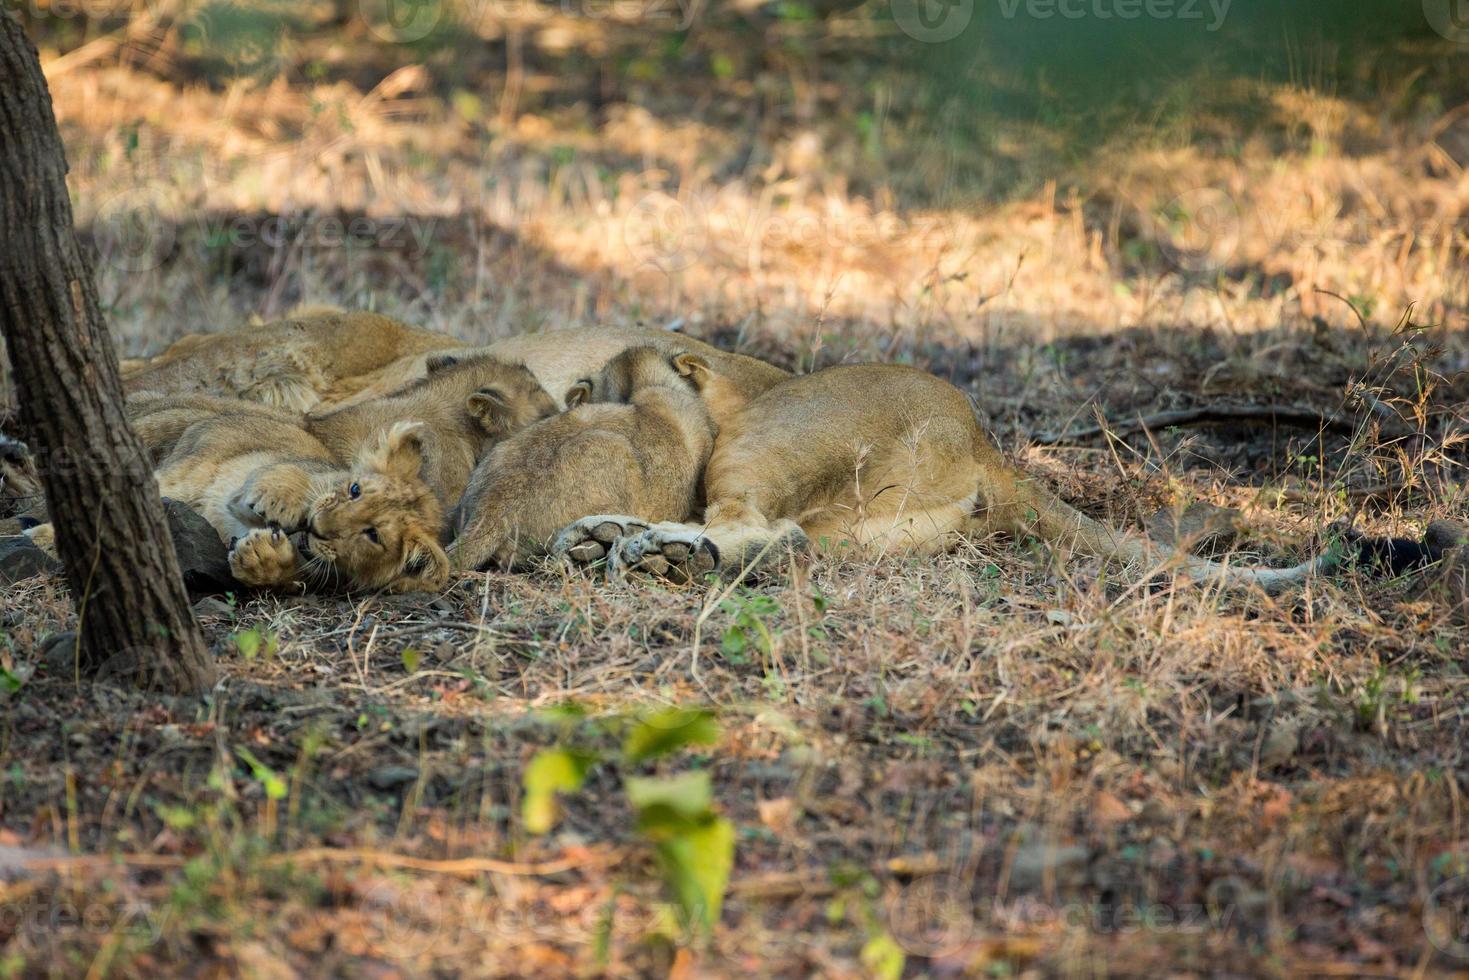 tétons de lionceaux asiatiques photo